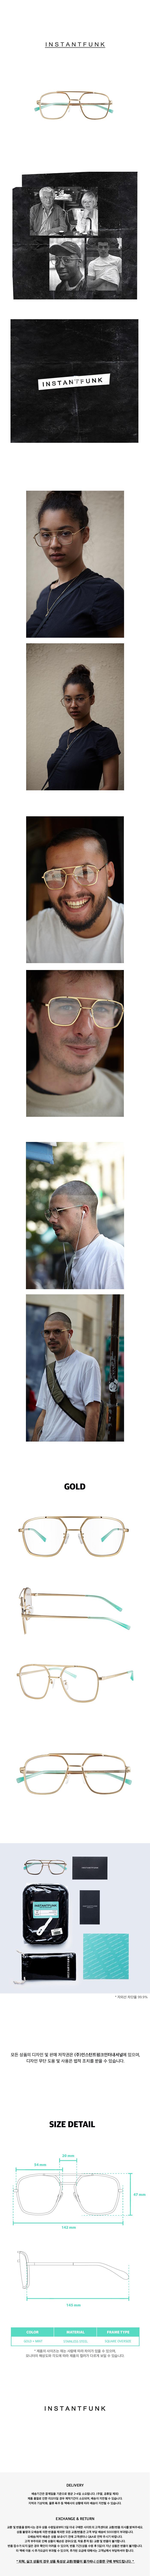 인스턴트펑크(INSTANTFUNK) Glasses No.1